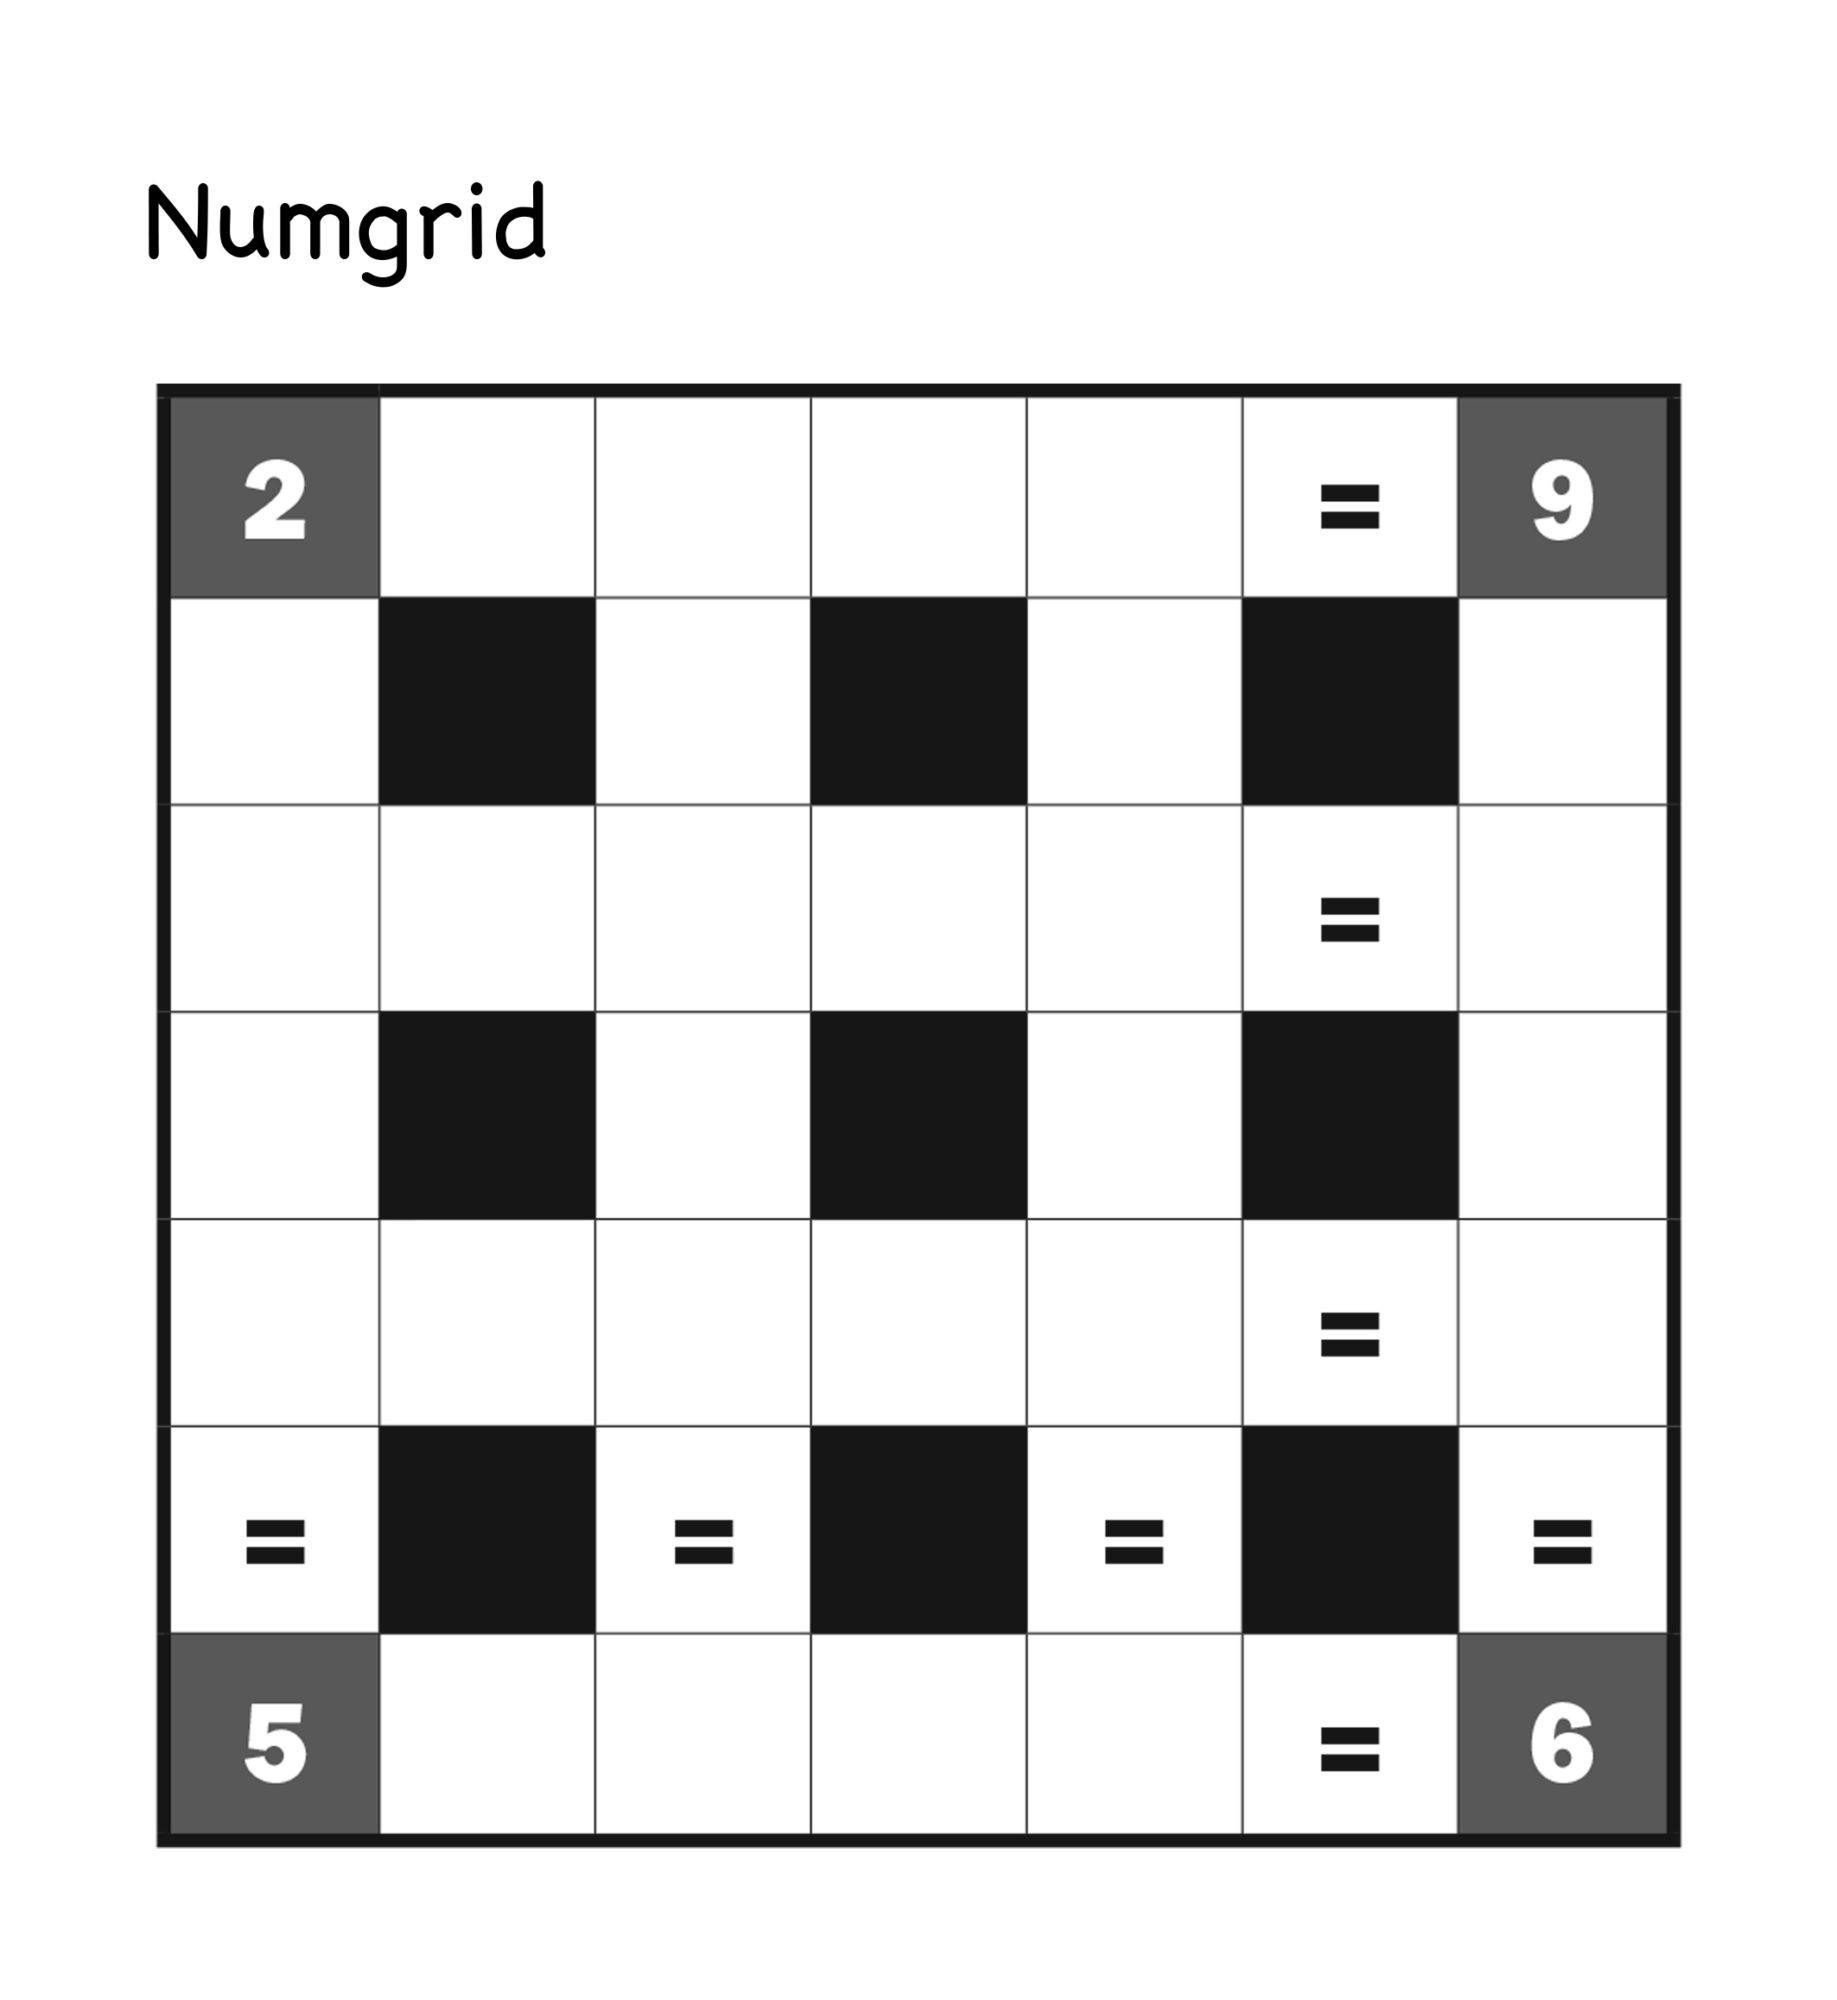 Numgrid Turpress